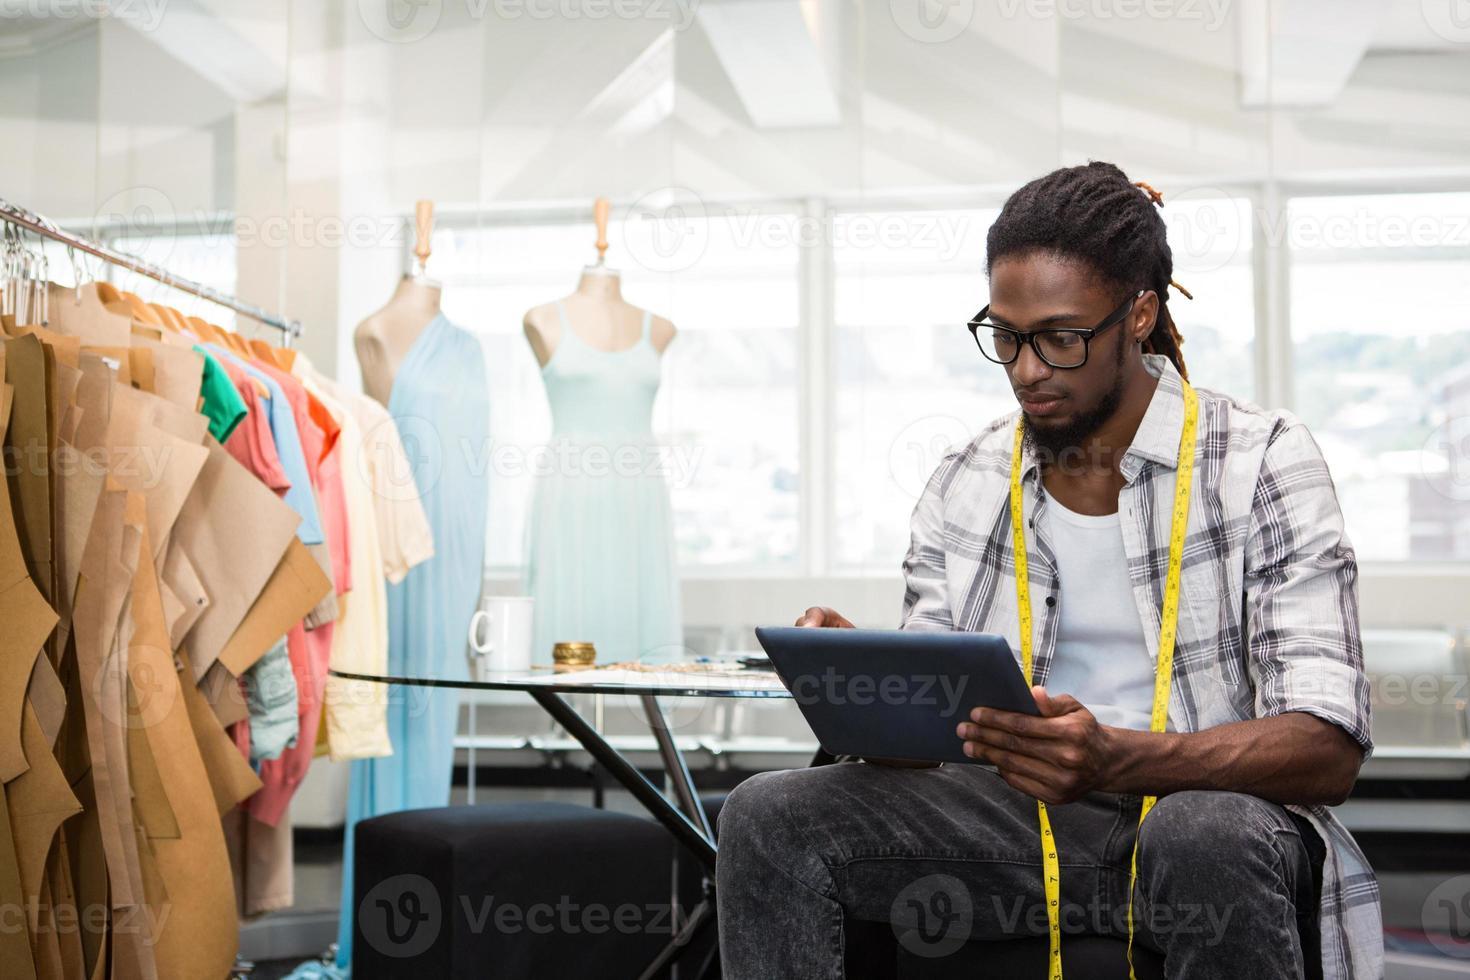 créateur de mode à l'aide de tablette numérique photo